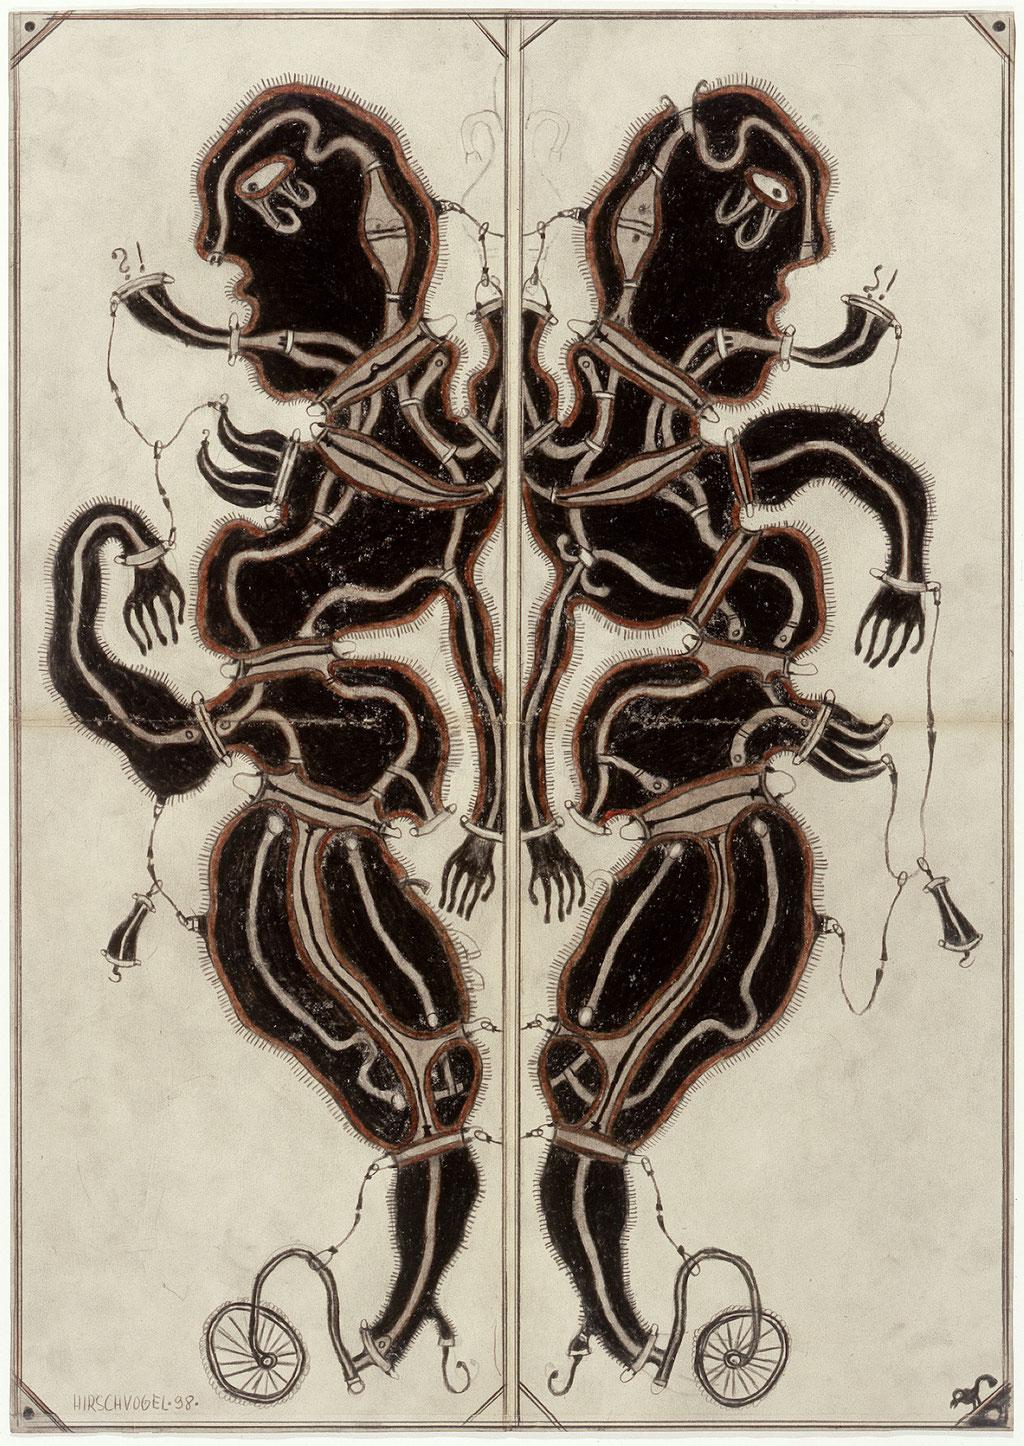 <b>o.T., 1998, </b><br>Zeichnung, Bleistift und Buntstift auf Papier, <br>59 x 42 cm